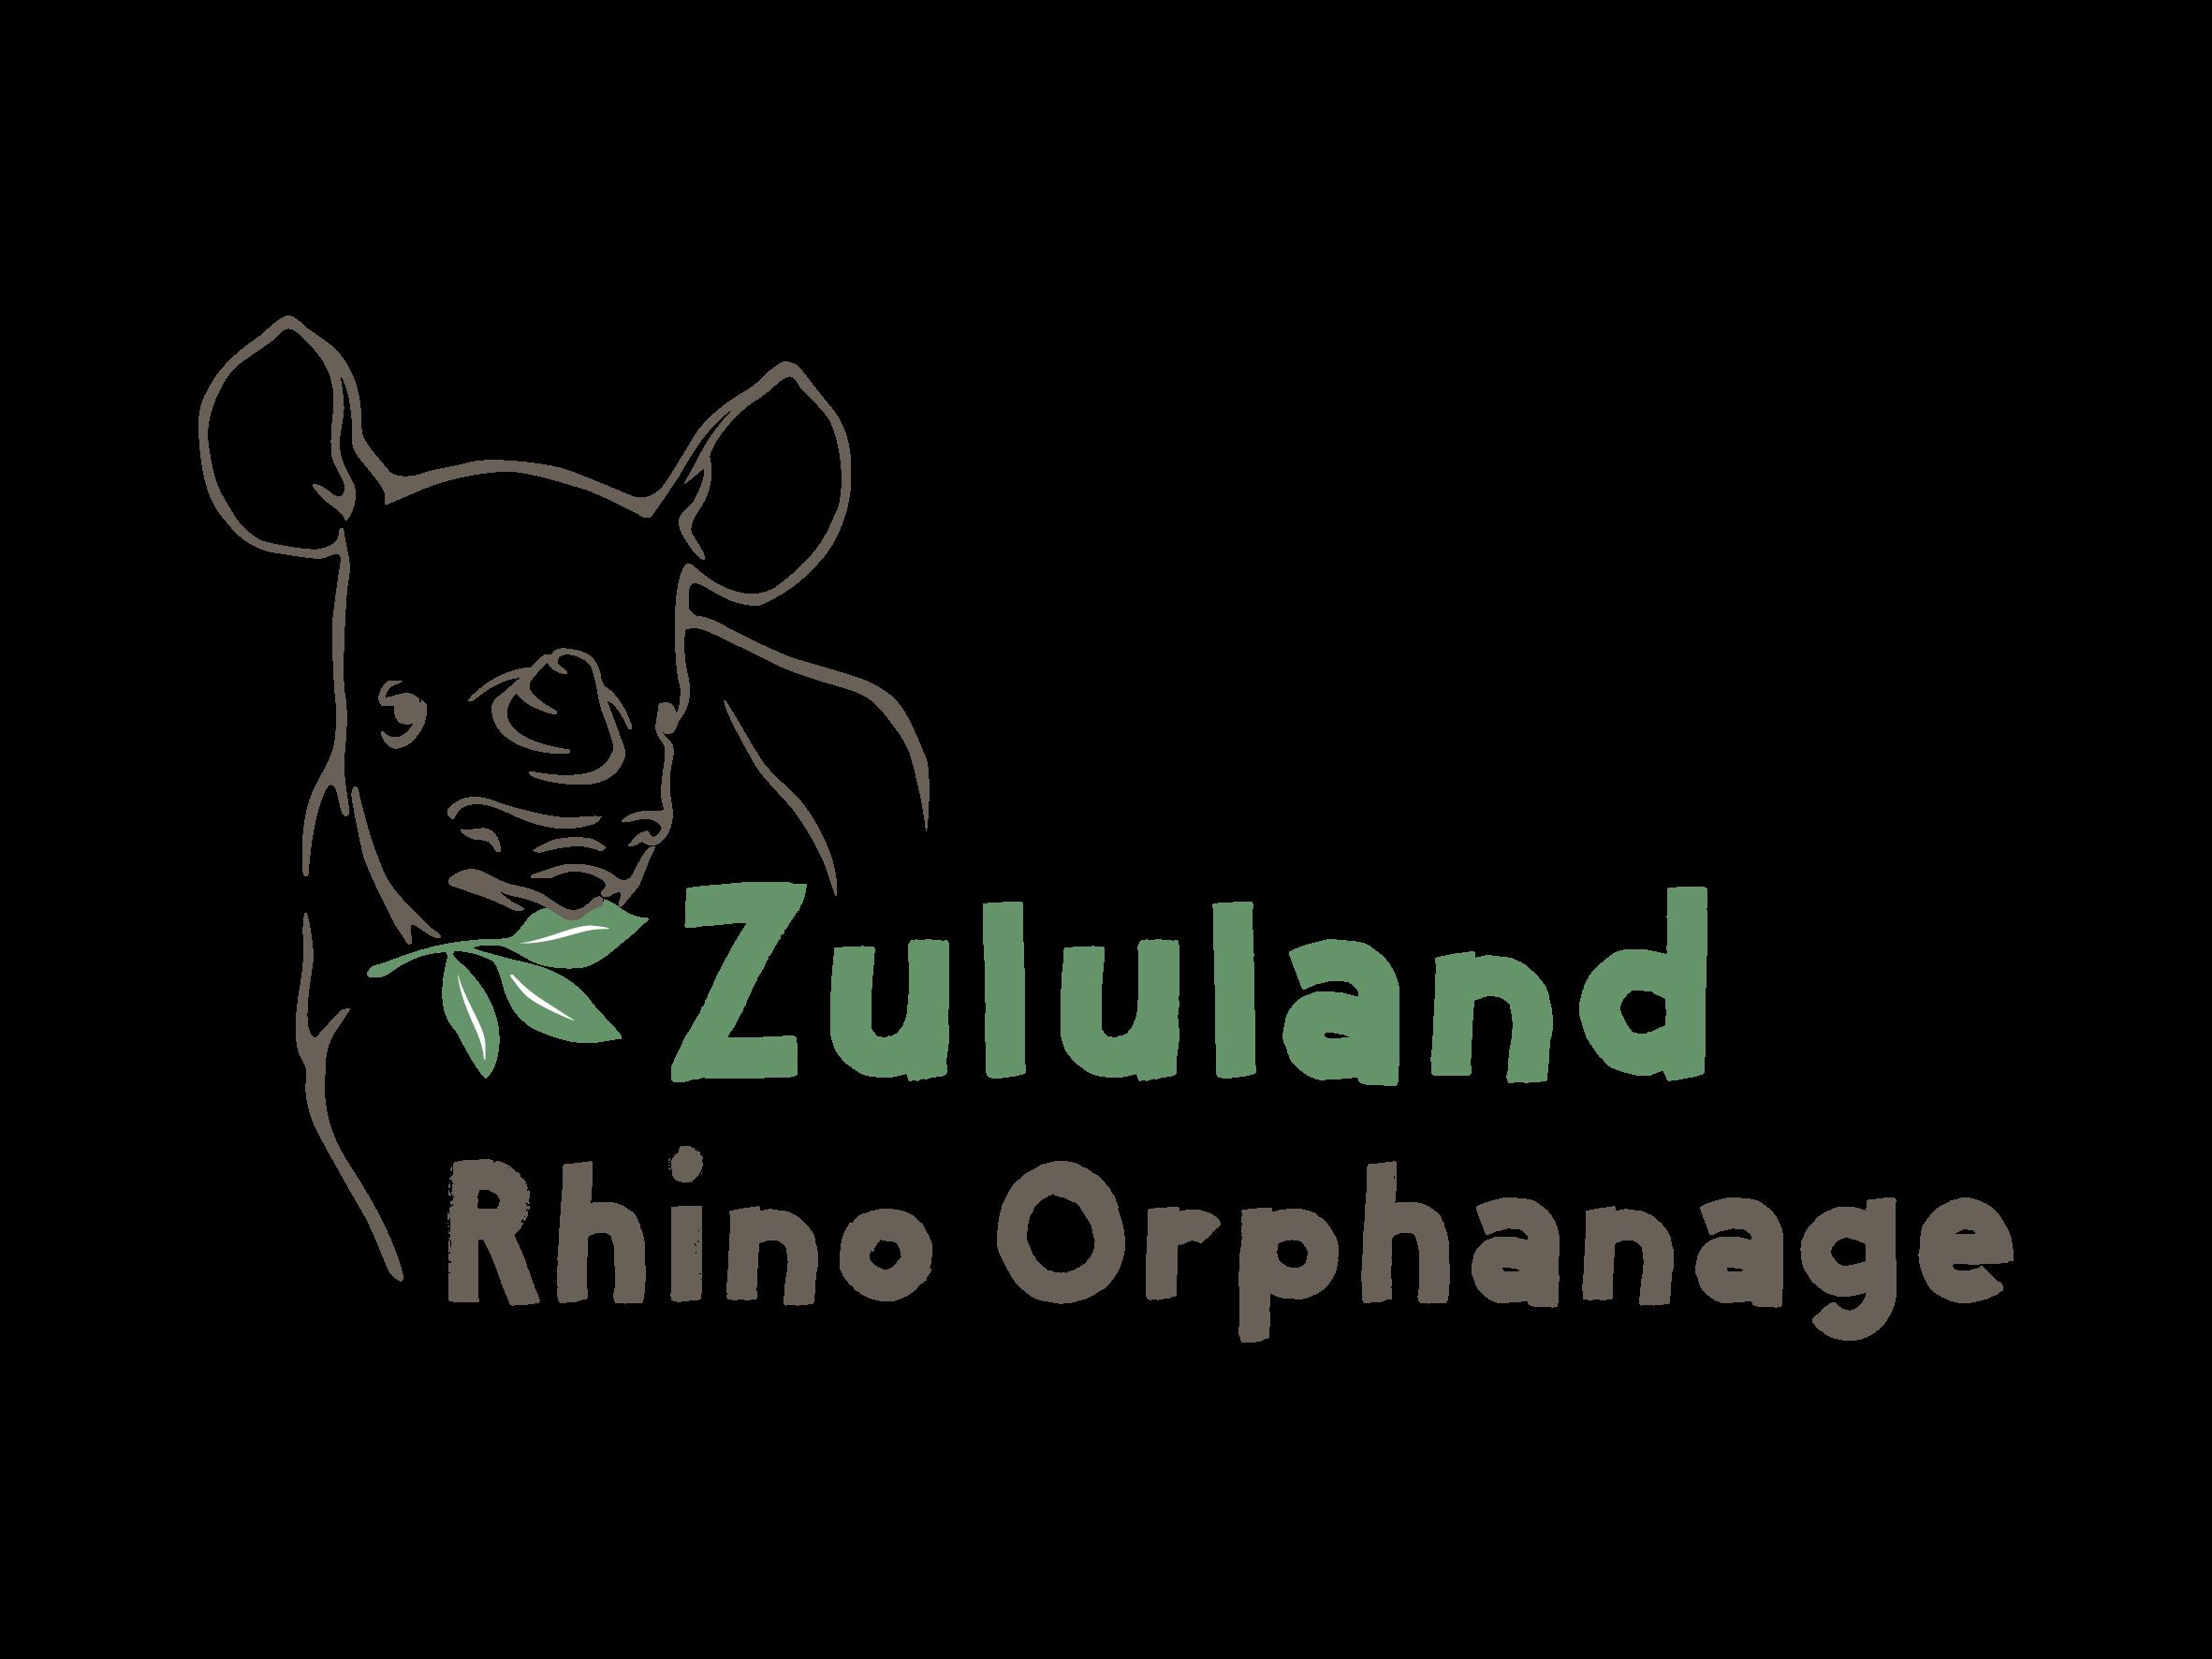 Zululand Rhino Orphanage